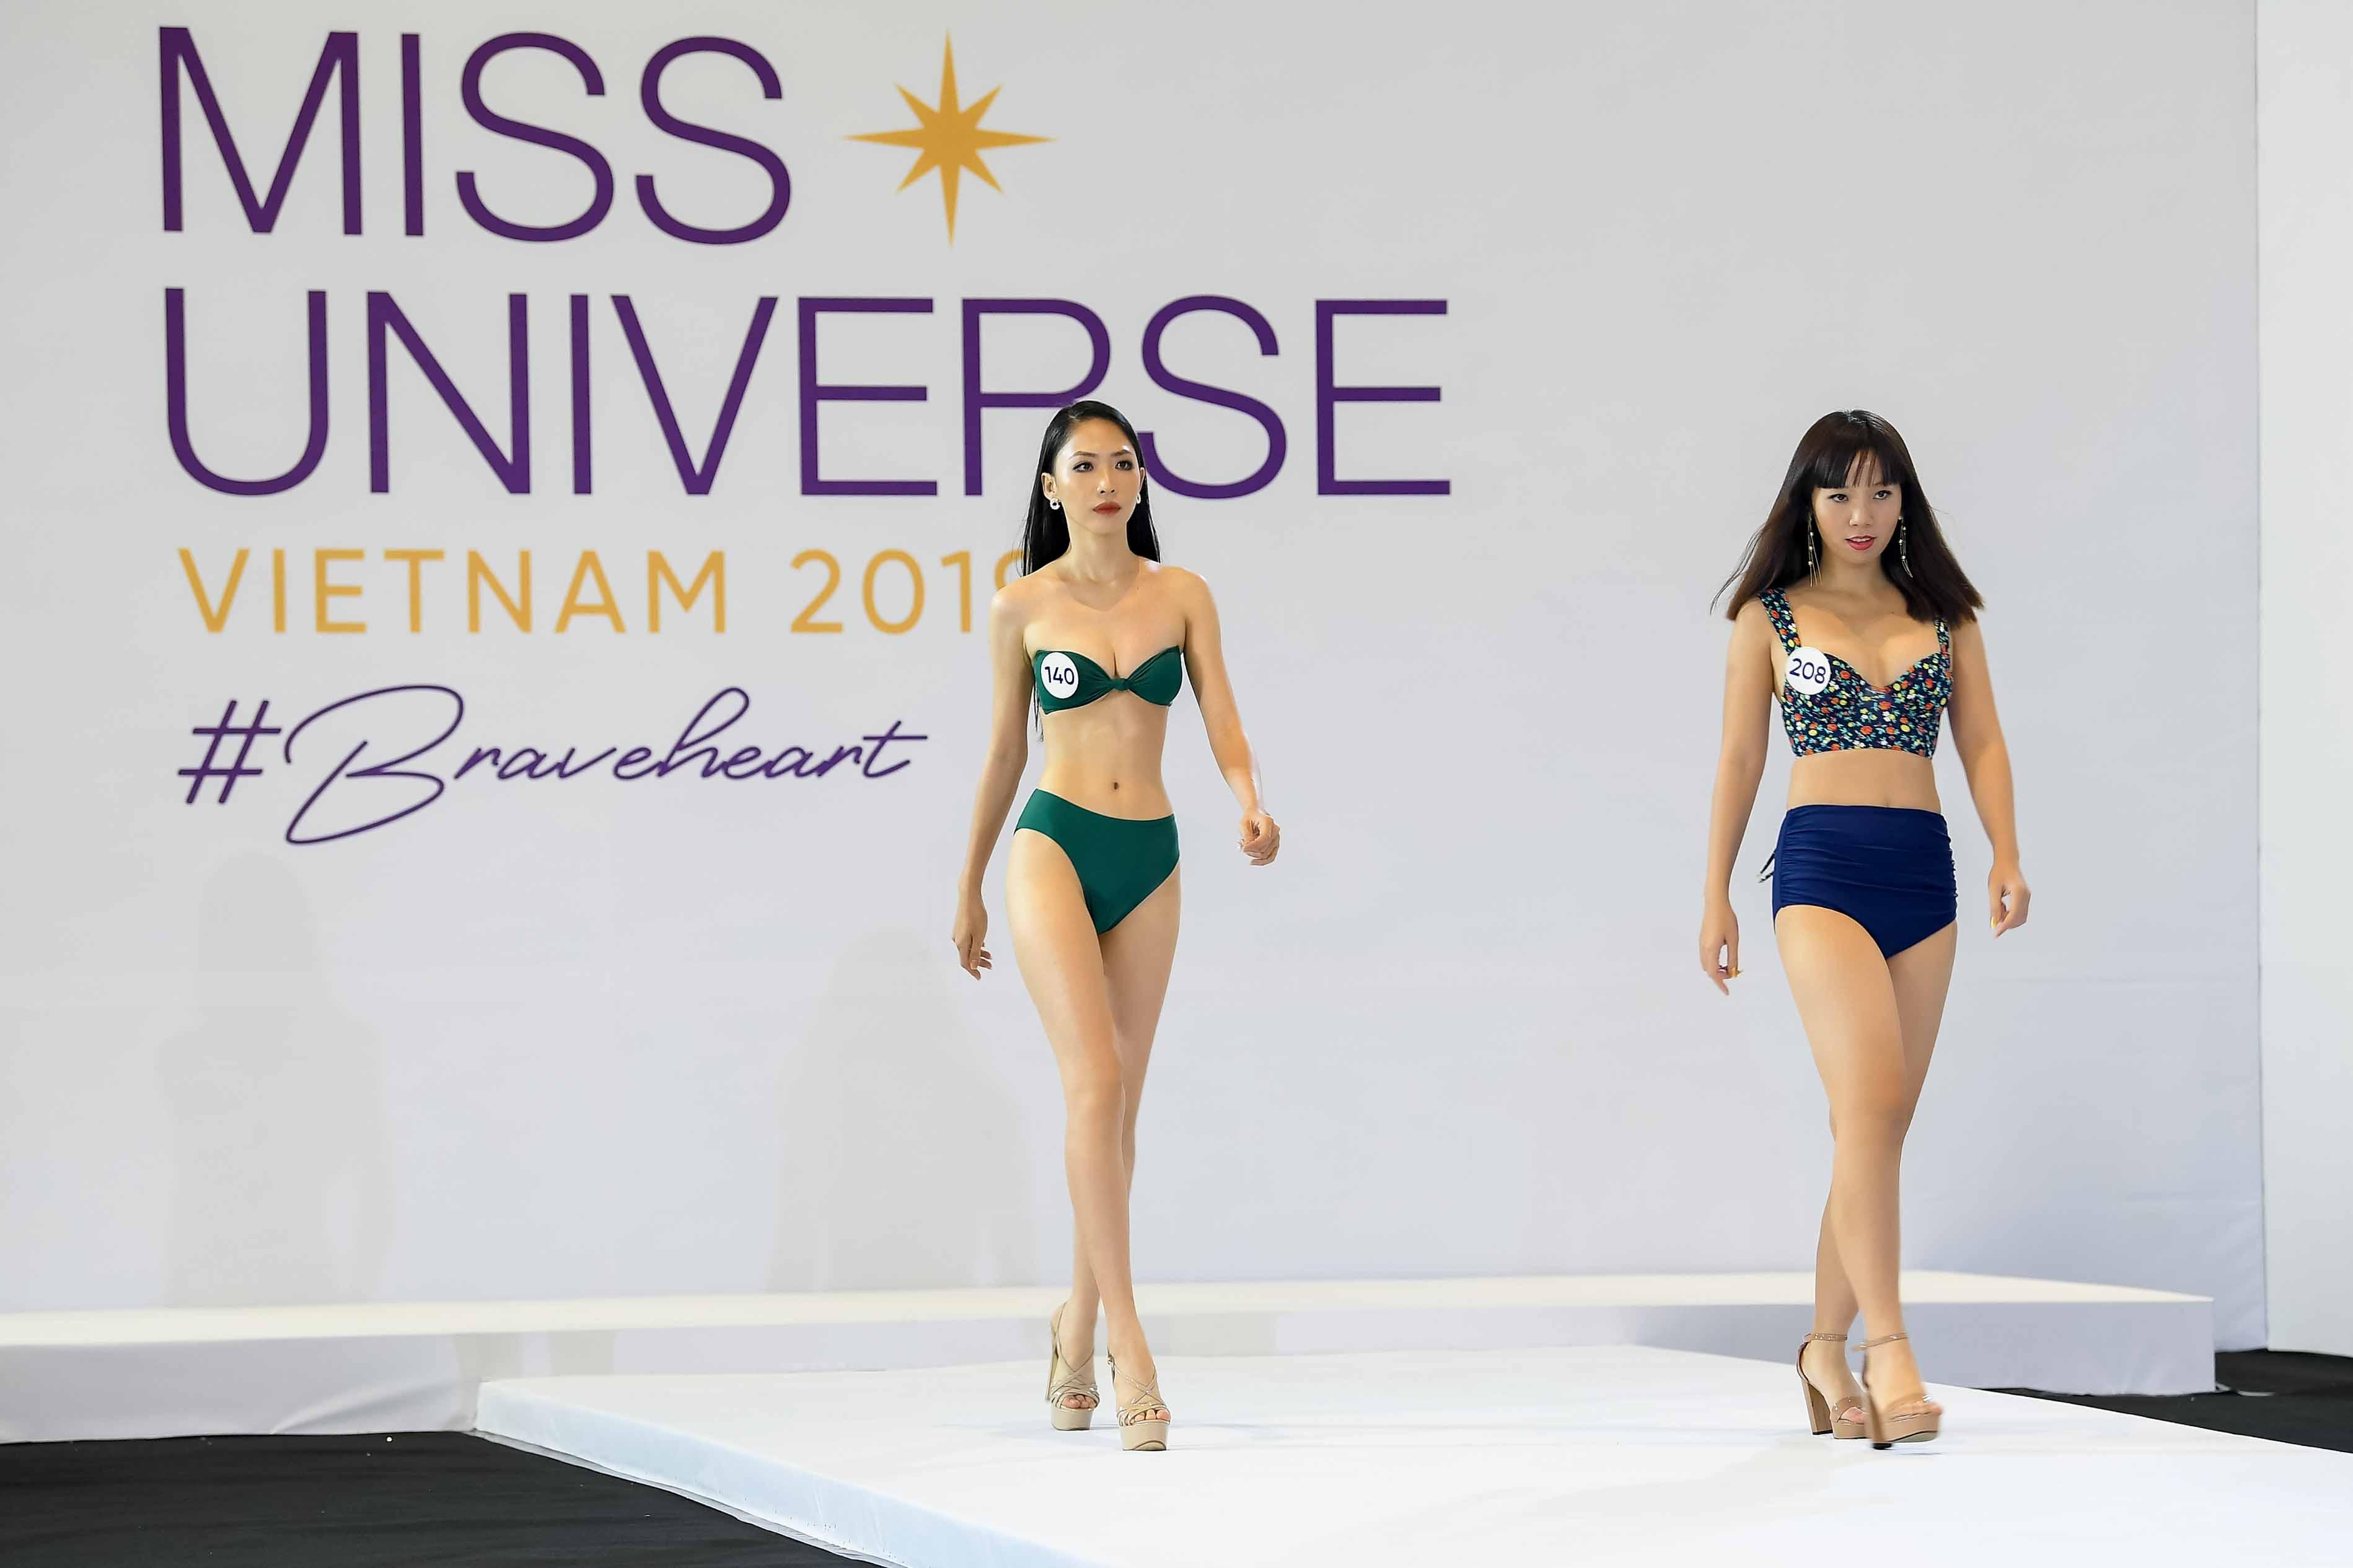 Phan thi trinh dien bikini (15)